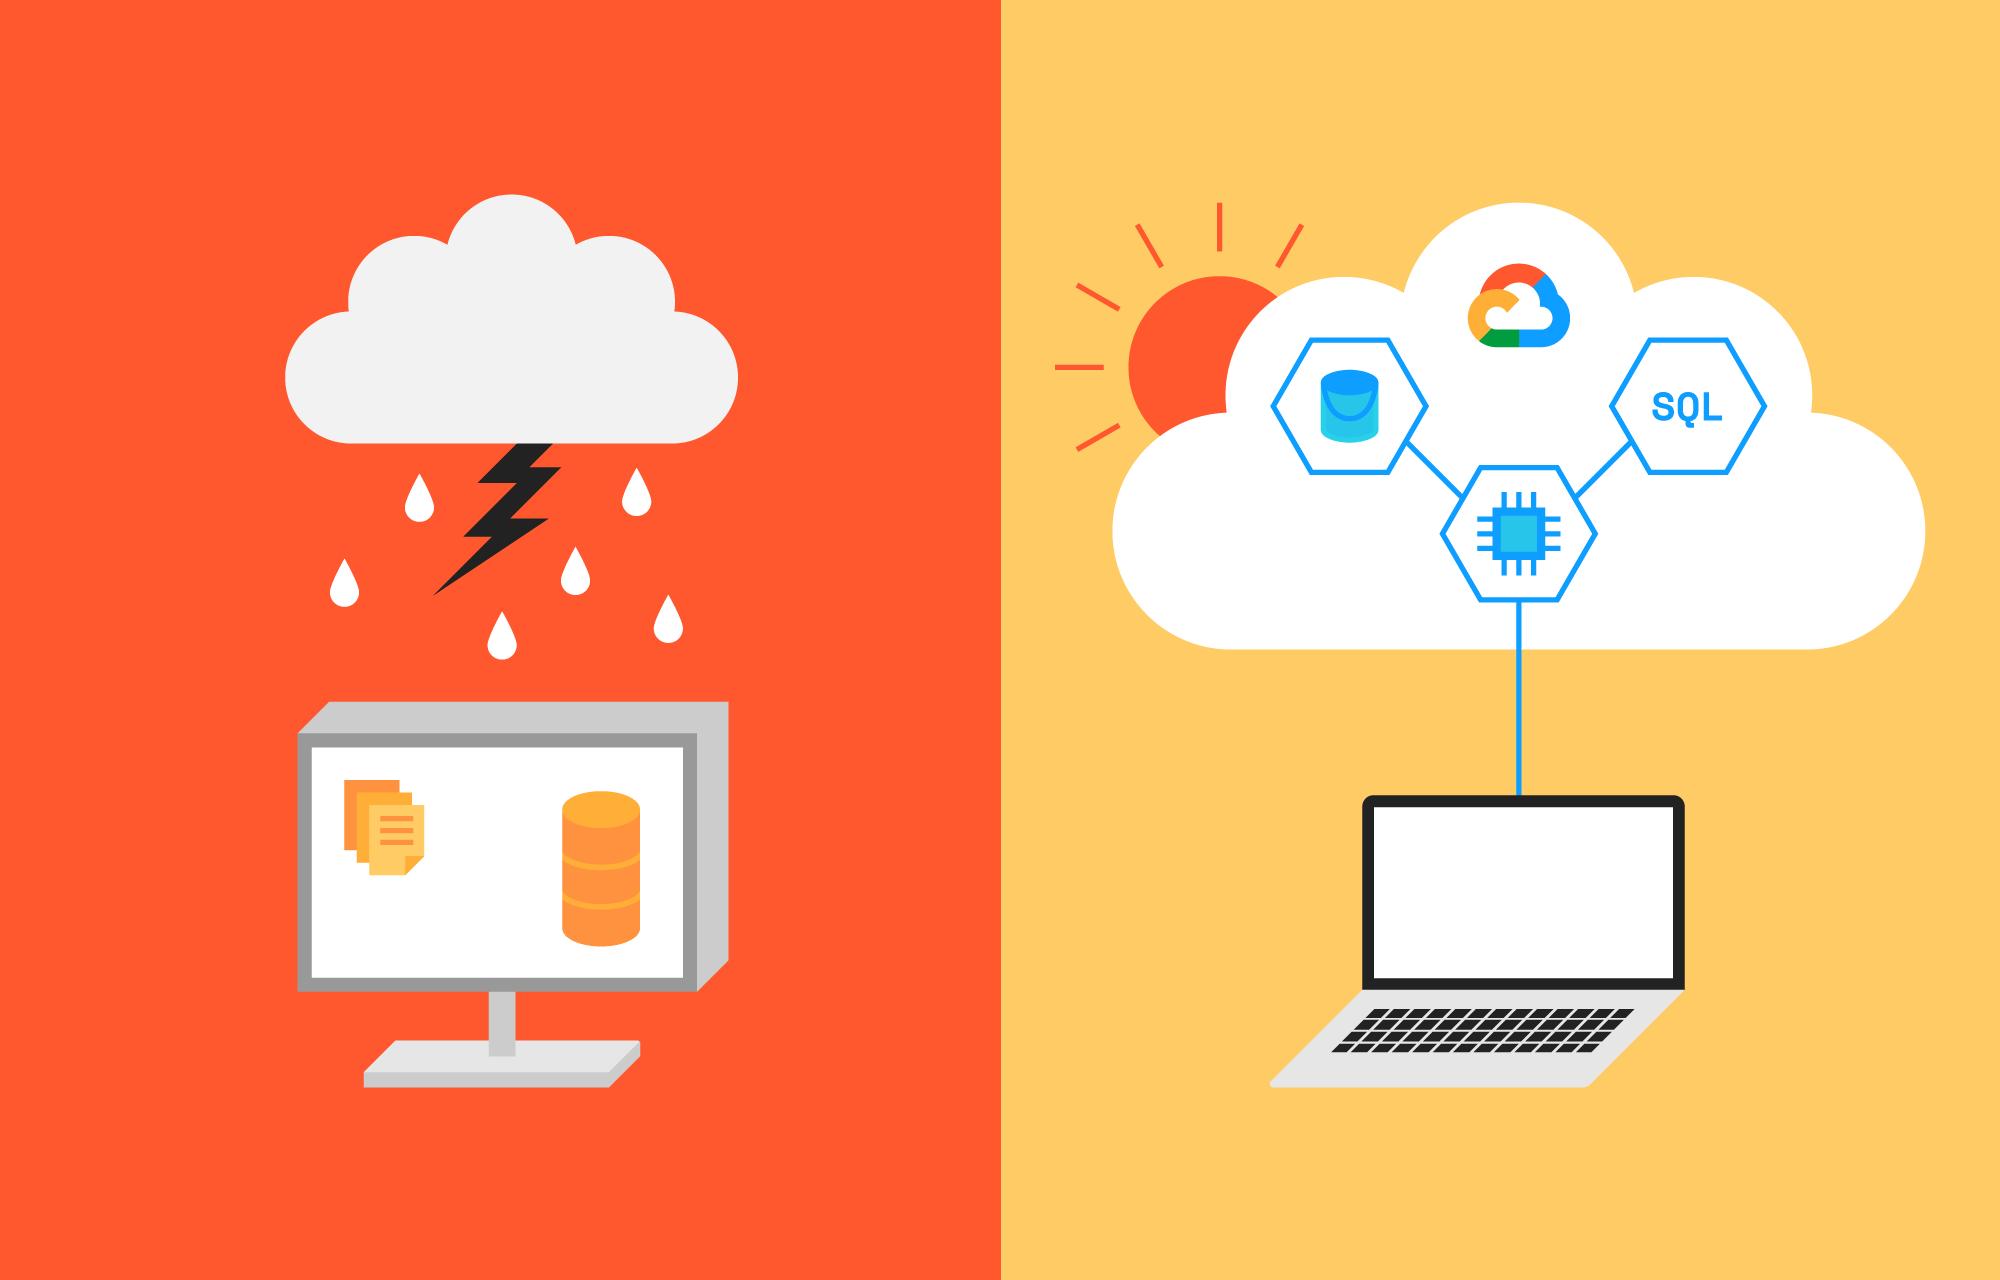 Hva betyr det å ha database i skyen?